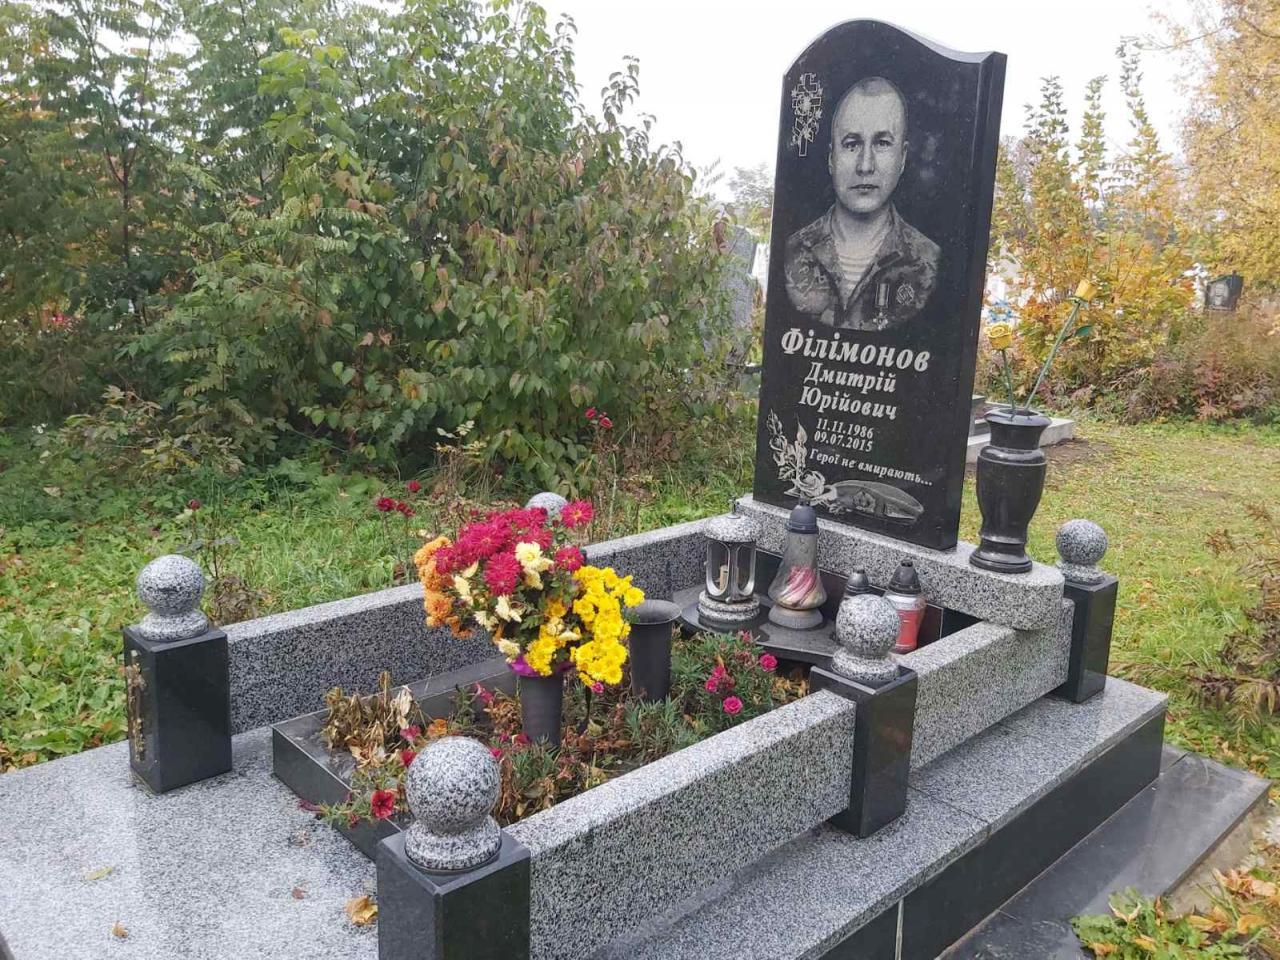 http://dunrada.gov.ua/uploadfile/archive_news/2021/10/13/2021-10-13_6377/images/images-54040.jpg